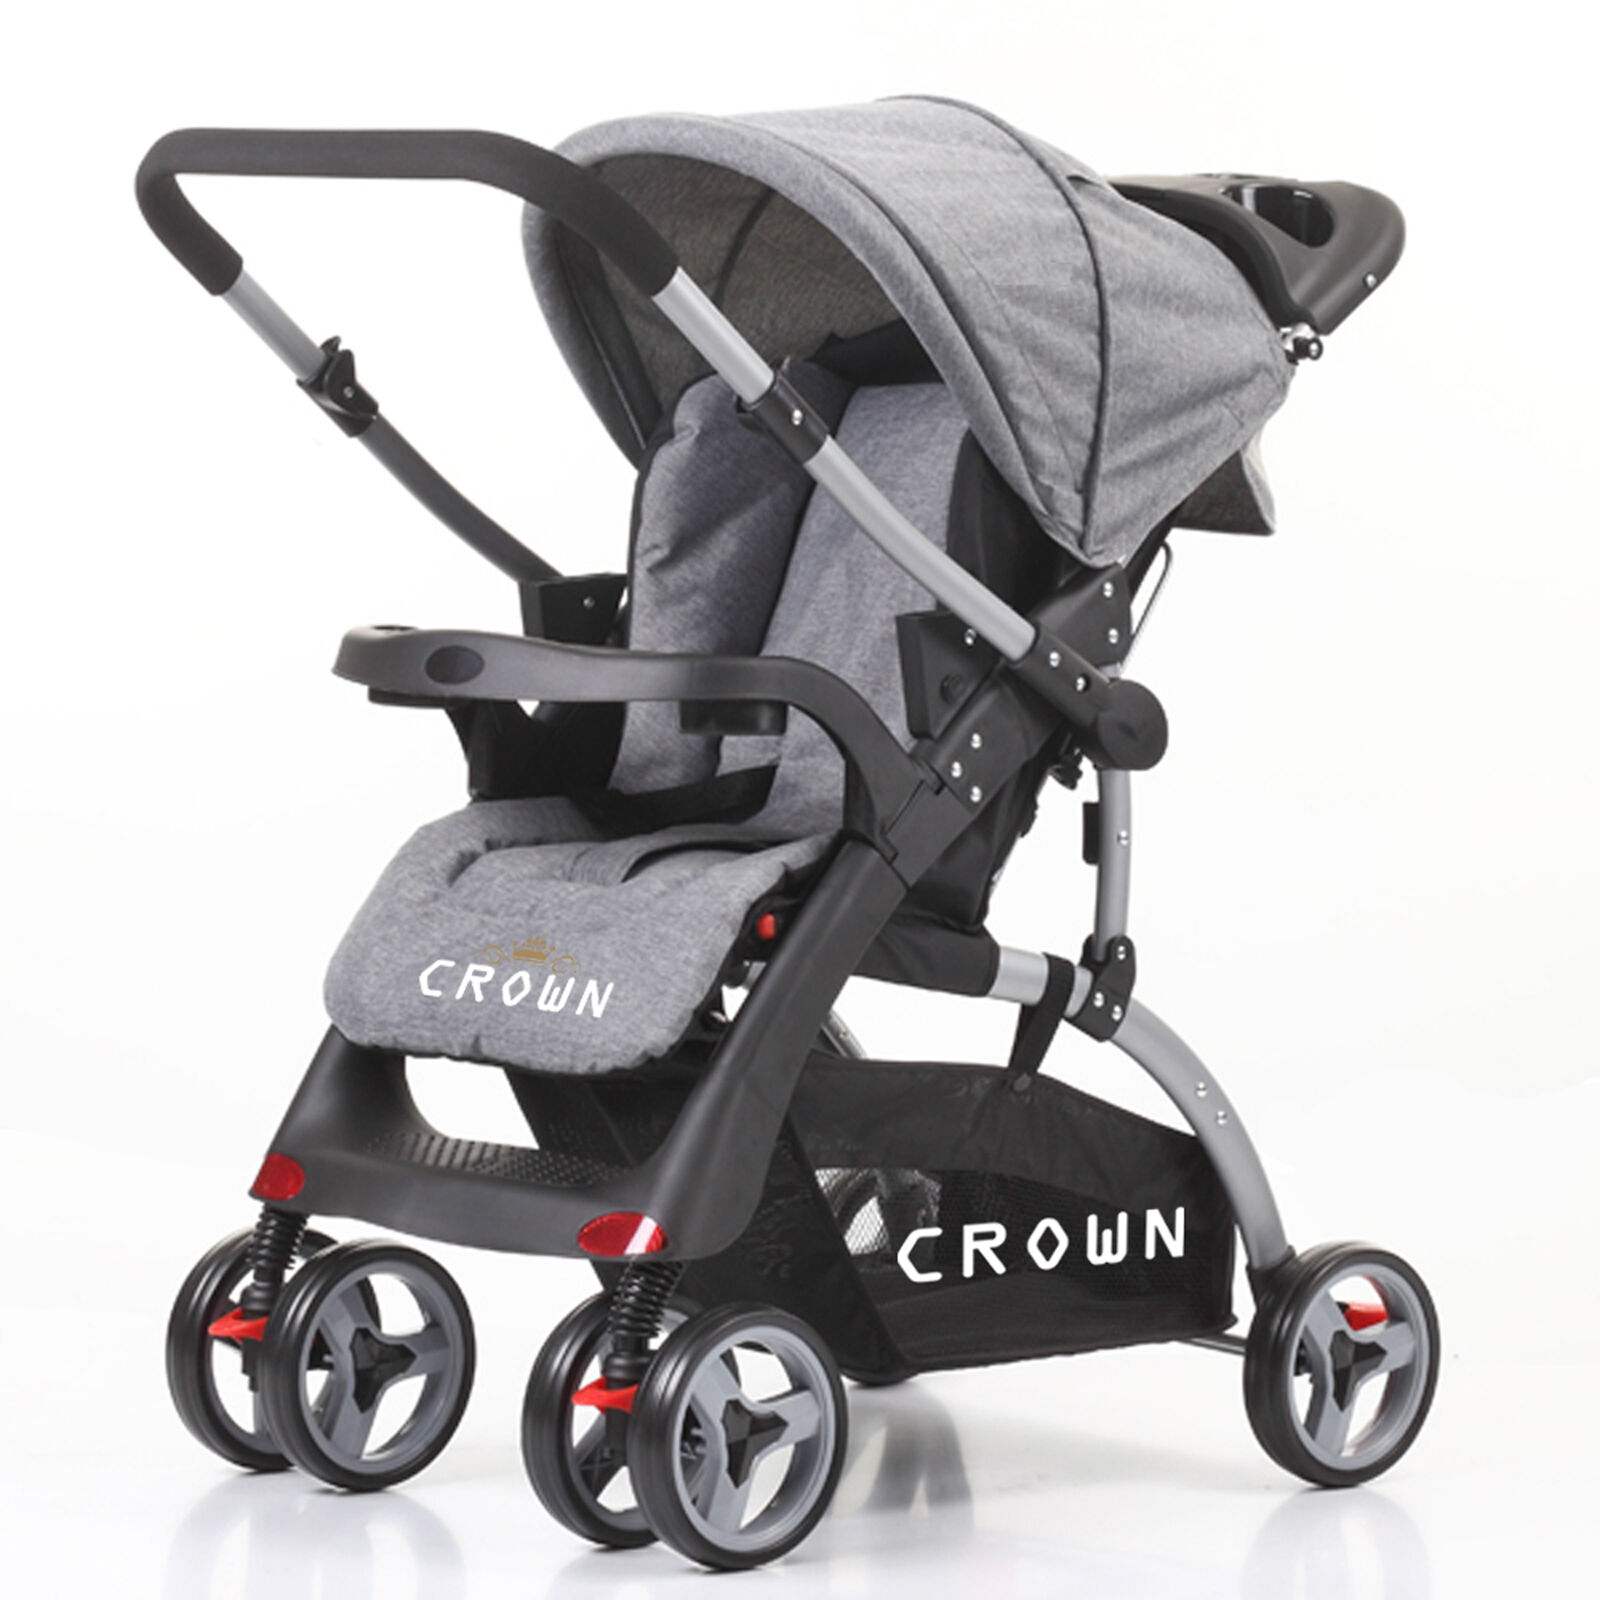 TravelSystem Kinderwagen Karre 2 Dual-Way Richtungen vorwärts Rückwärts möglich